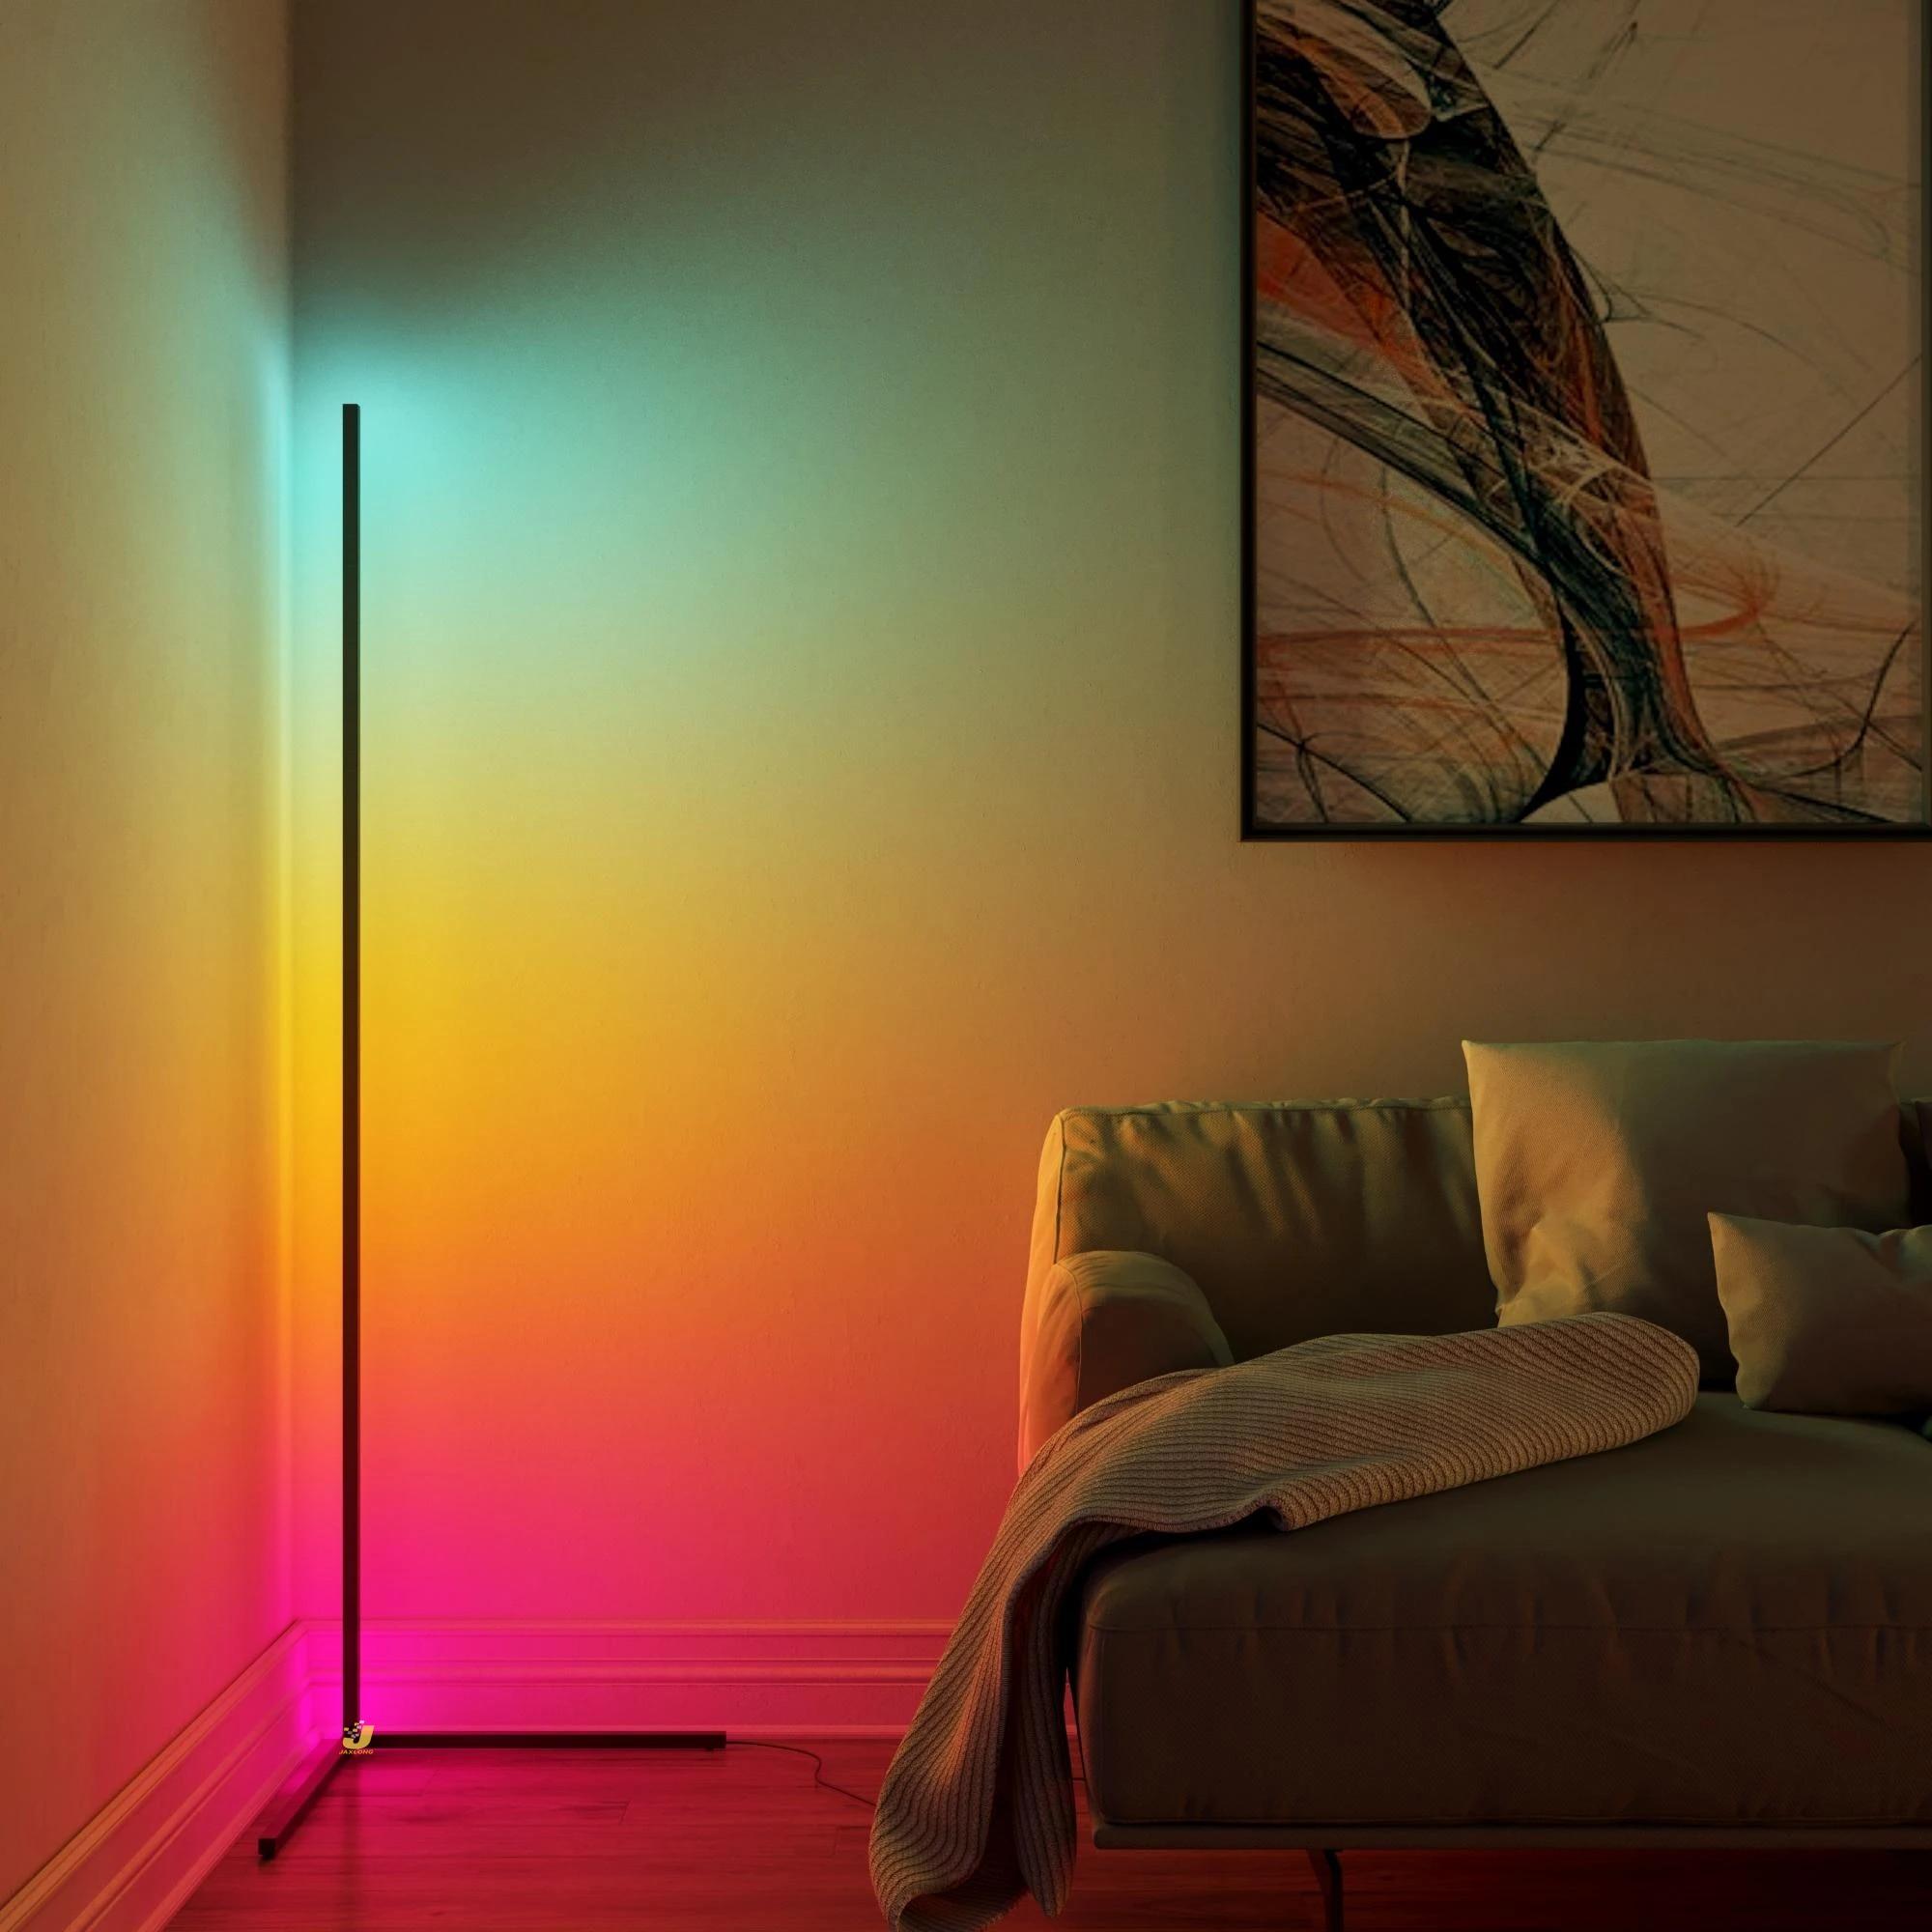 lampe d angle coloree autoportante design led design moderne luminaire d ambiance ideal pour une chambre a coucher un salon ou un club